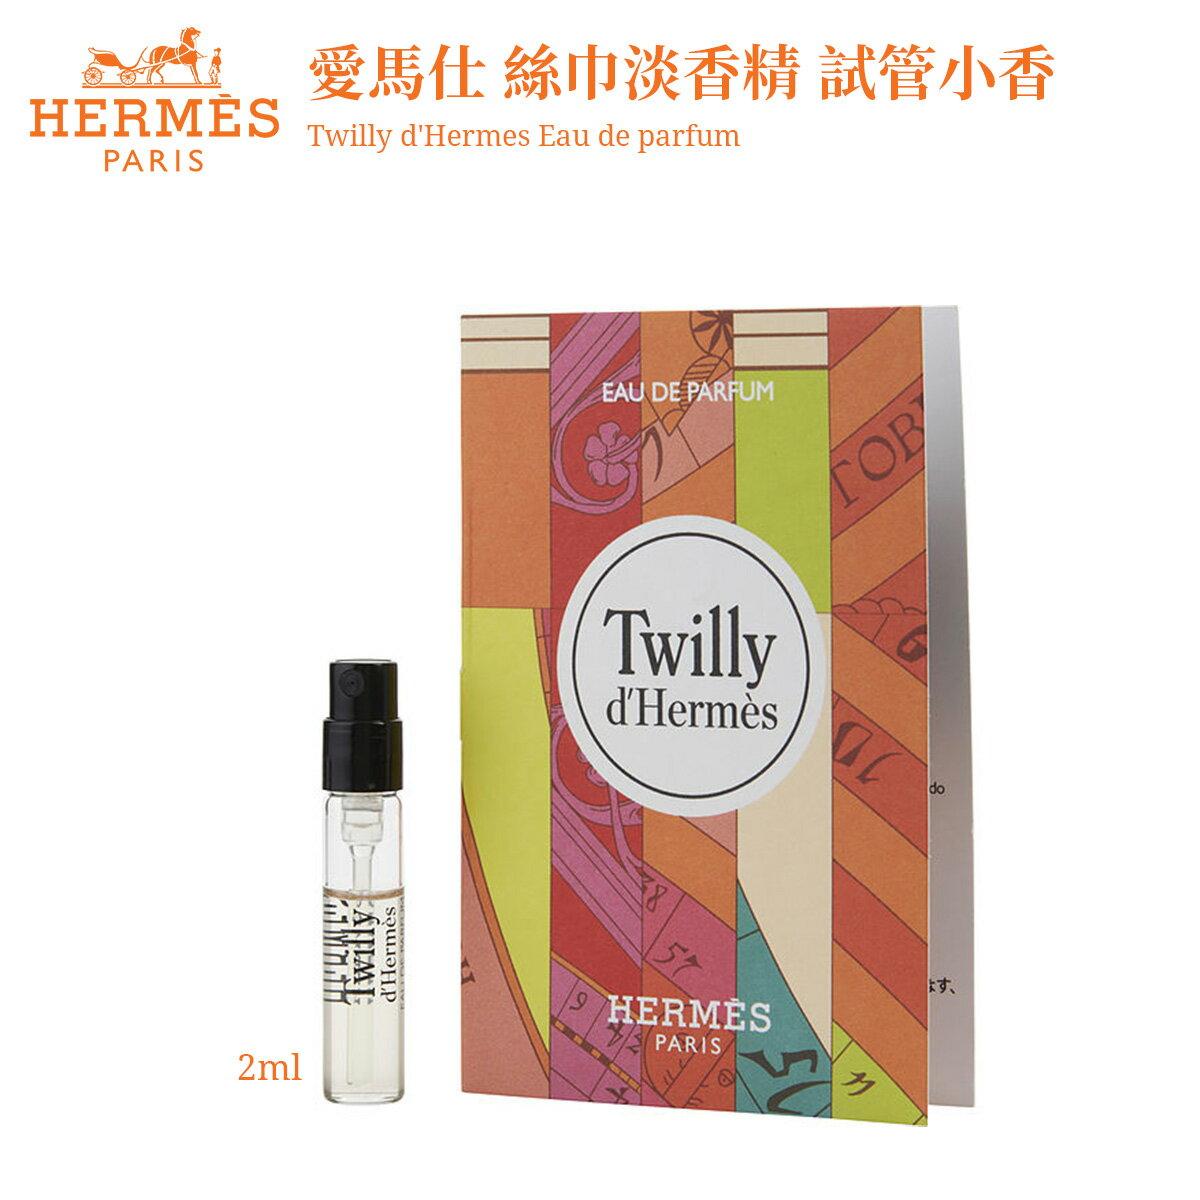 Twilly D\'\'\'\'hermes 愛馬仕 絲巾淡香精2ml 針管香水 試管小香 絲巾香水 魅力香氛 【SP嚴選家】